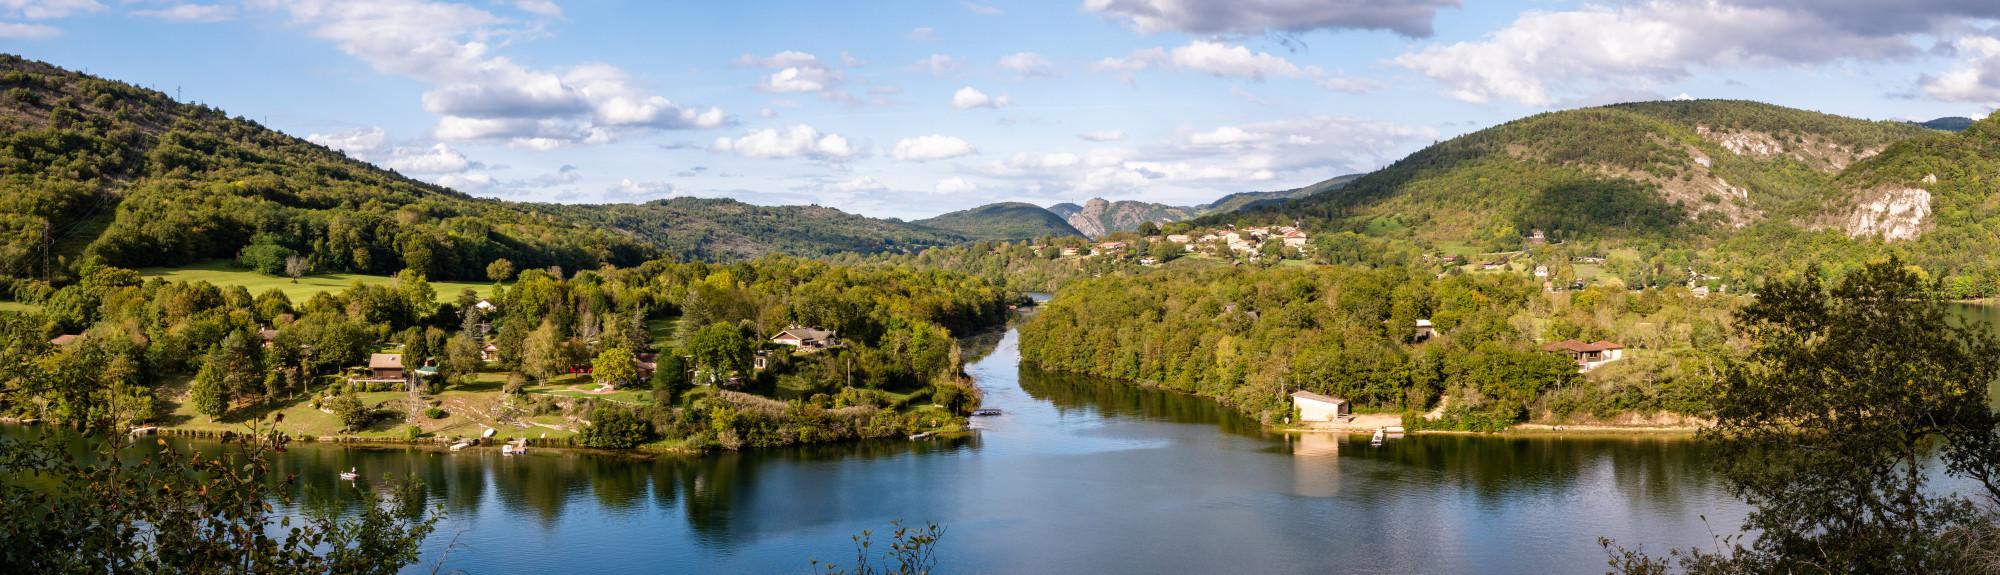 Serrires-sur-Ain - Ain, Rhône-Alpes